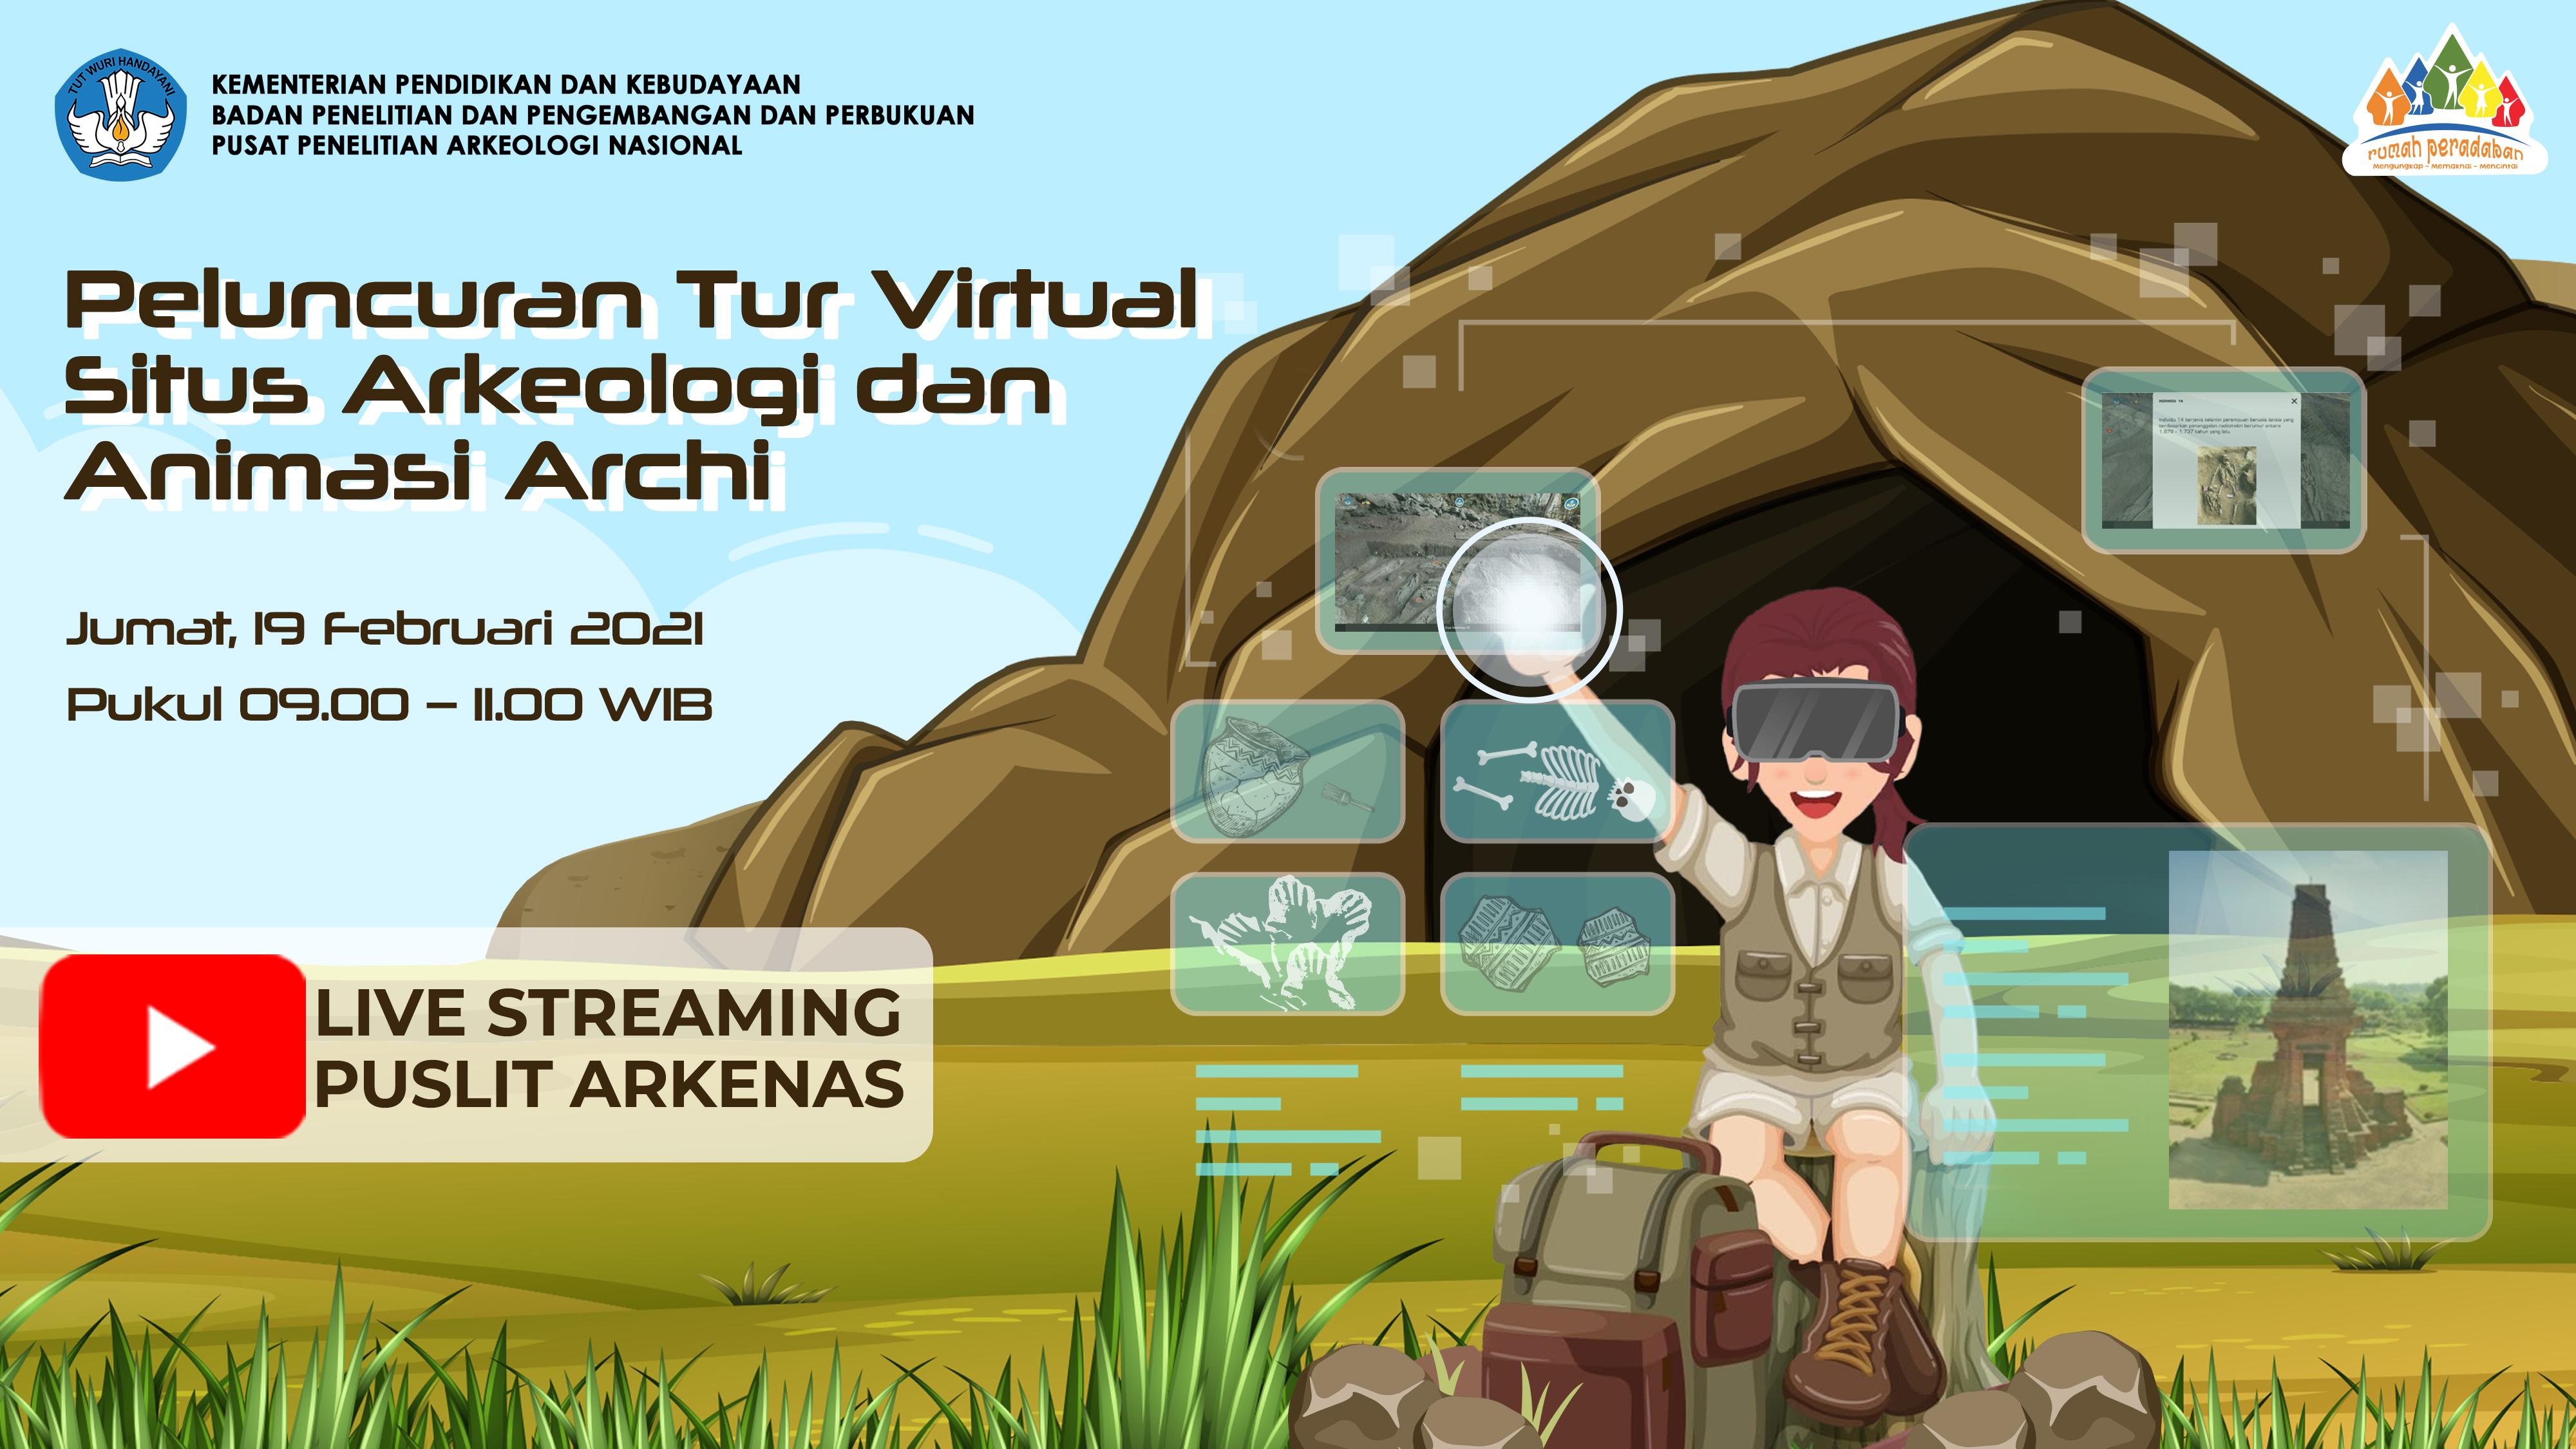 Peluncuran Tur Virtual Situs Arkeologi dan Animasi Archi